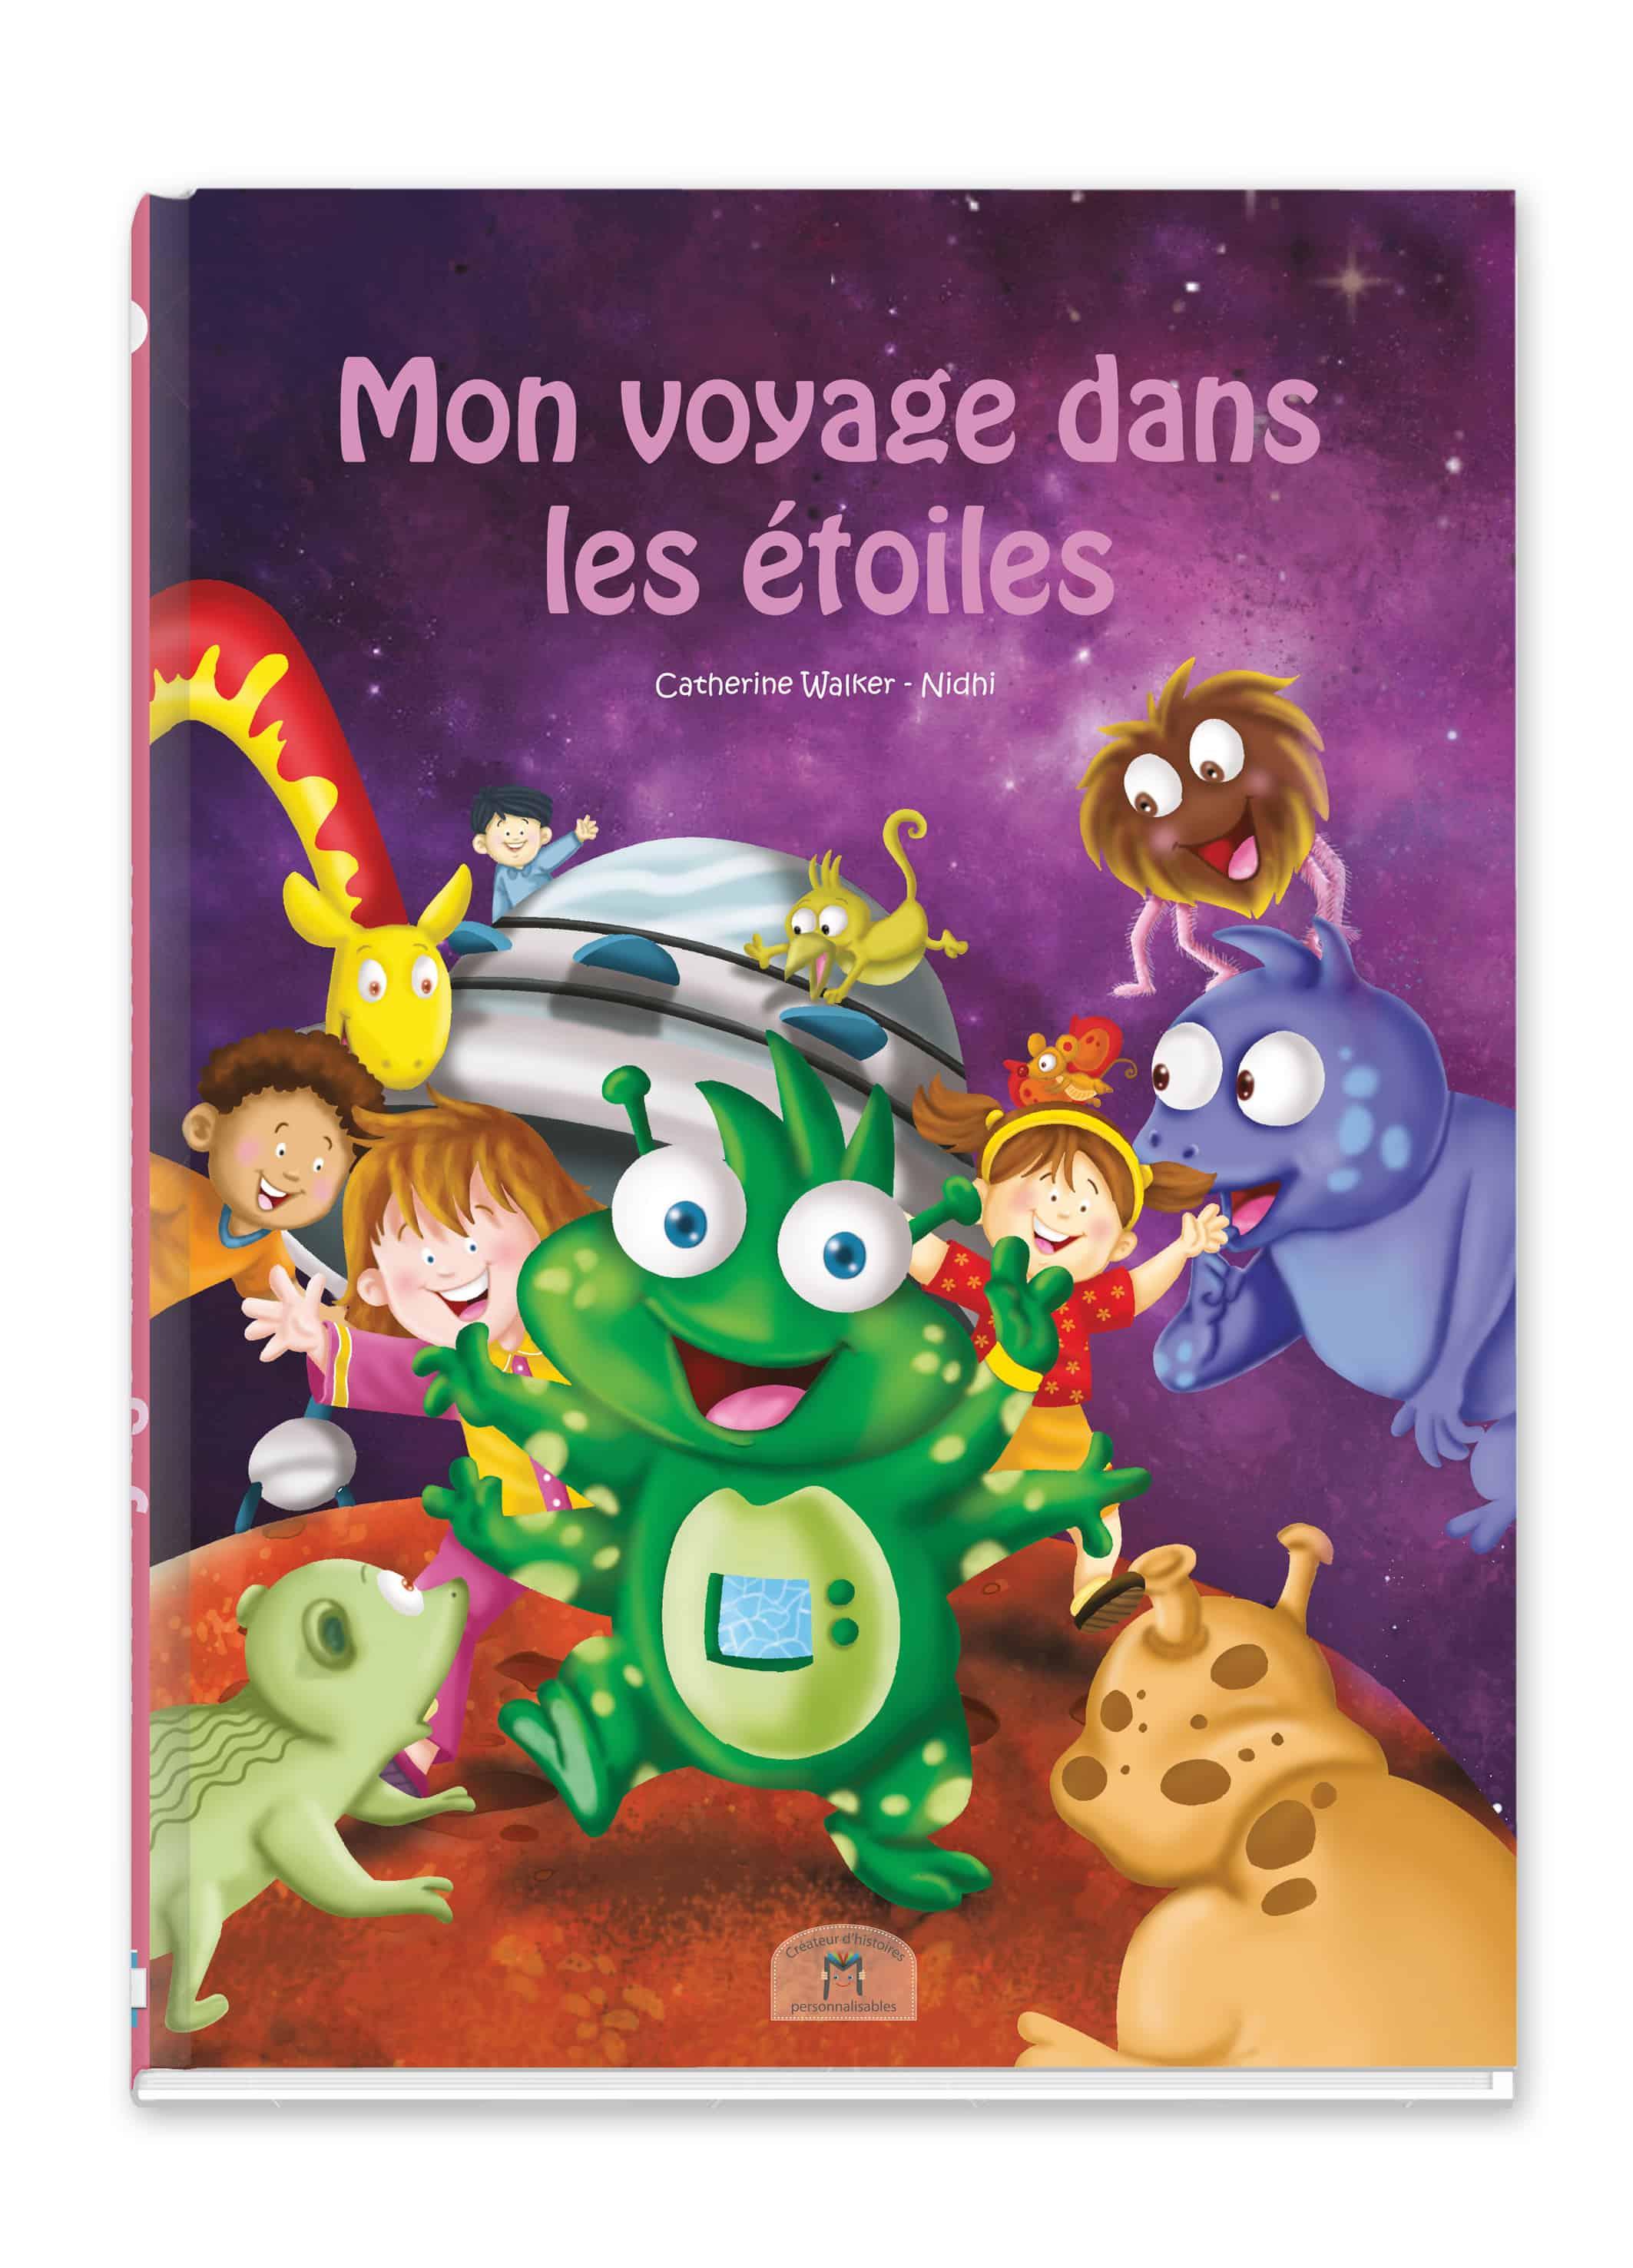 Livre Personnalisable Au Prenom De L Enfant Mon Voyage Dans Les Etoiles